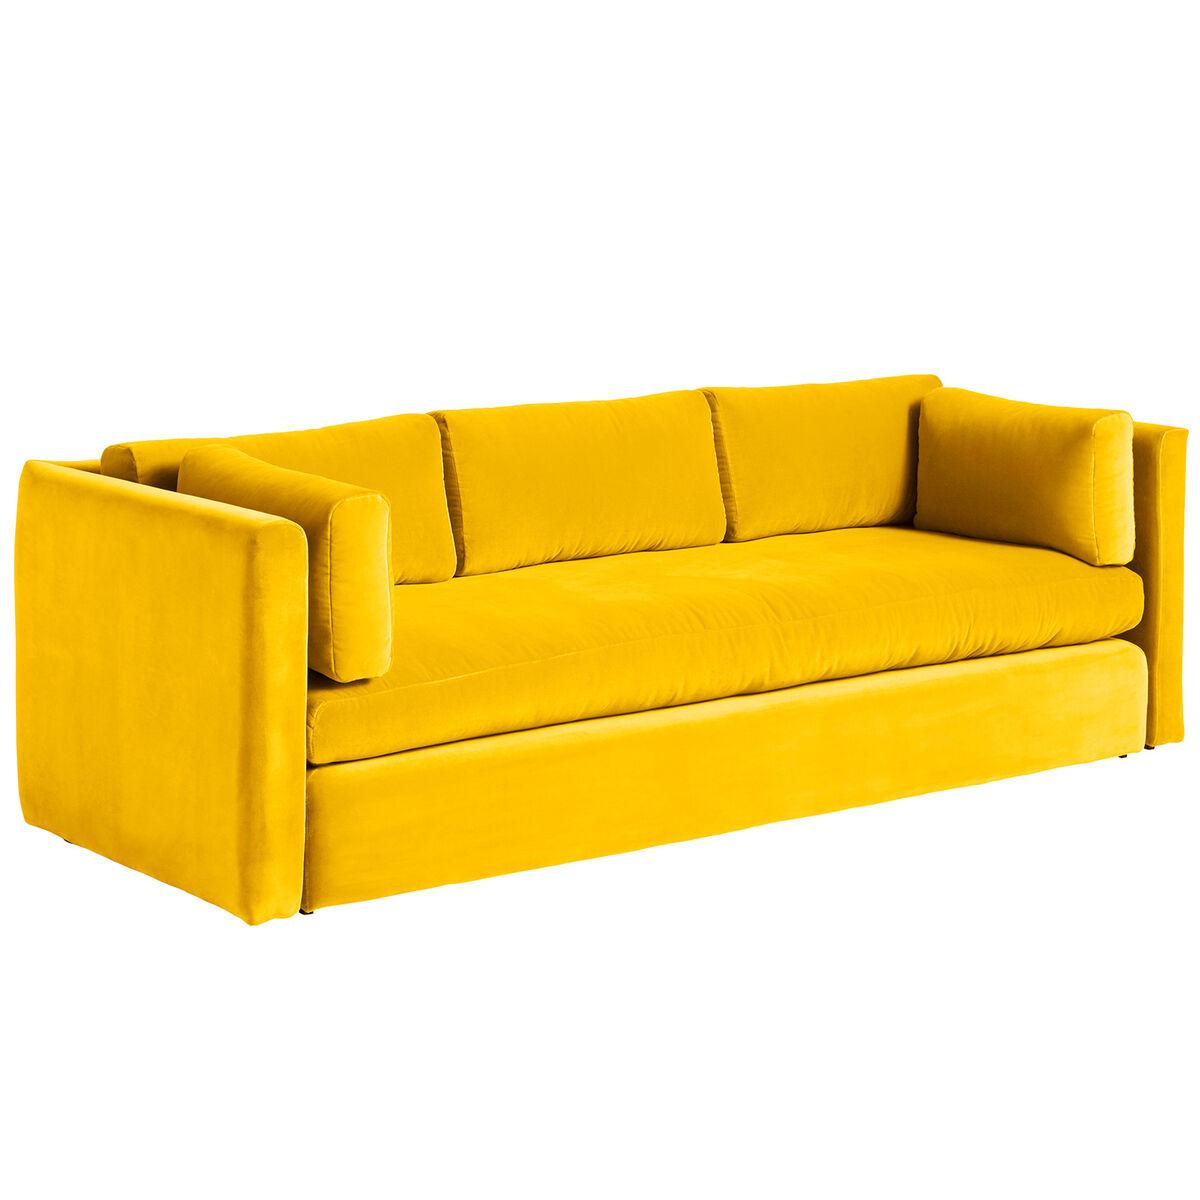 Hay Hackney sohva, 3-istuttava, Lola yellow